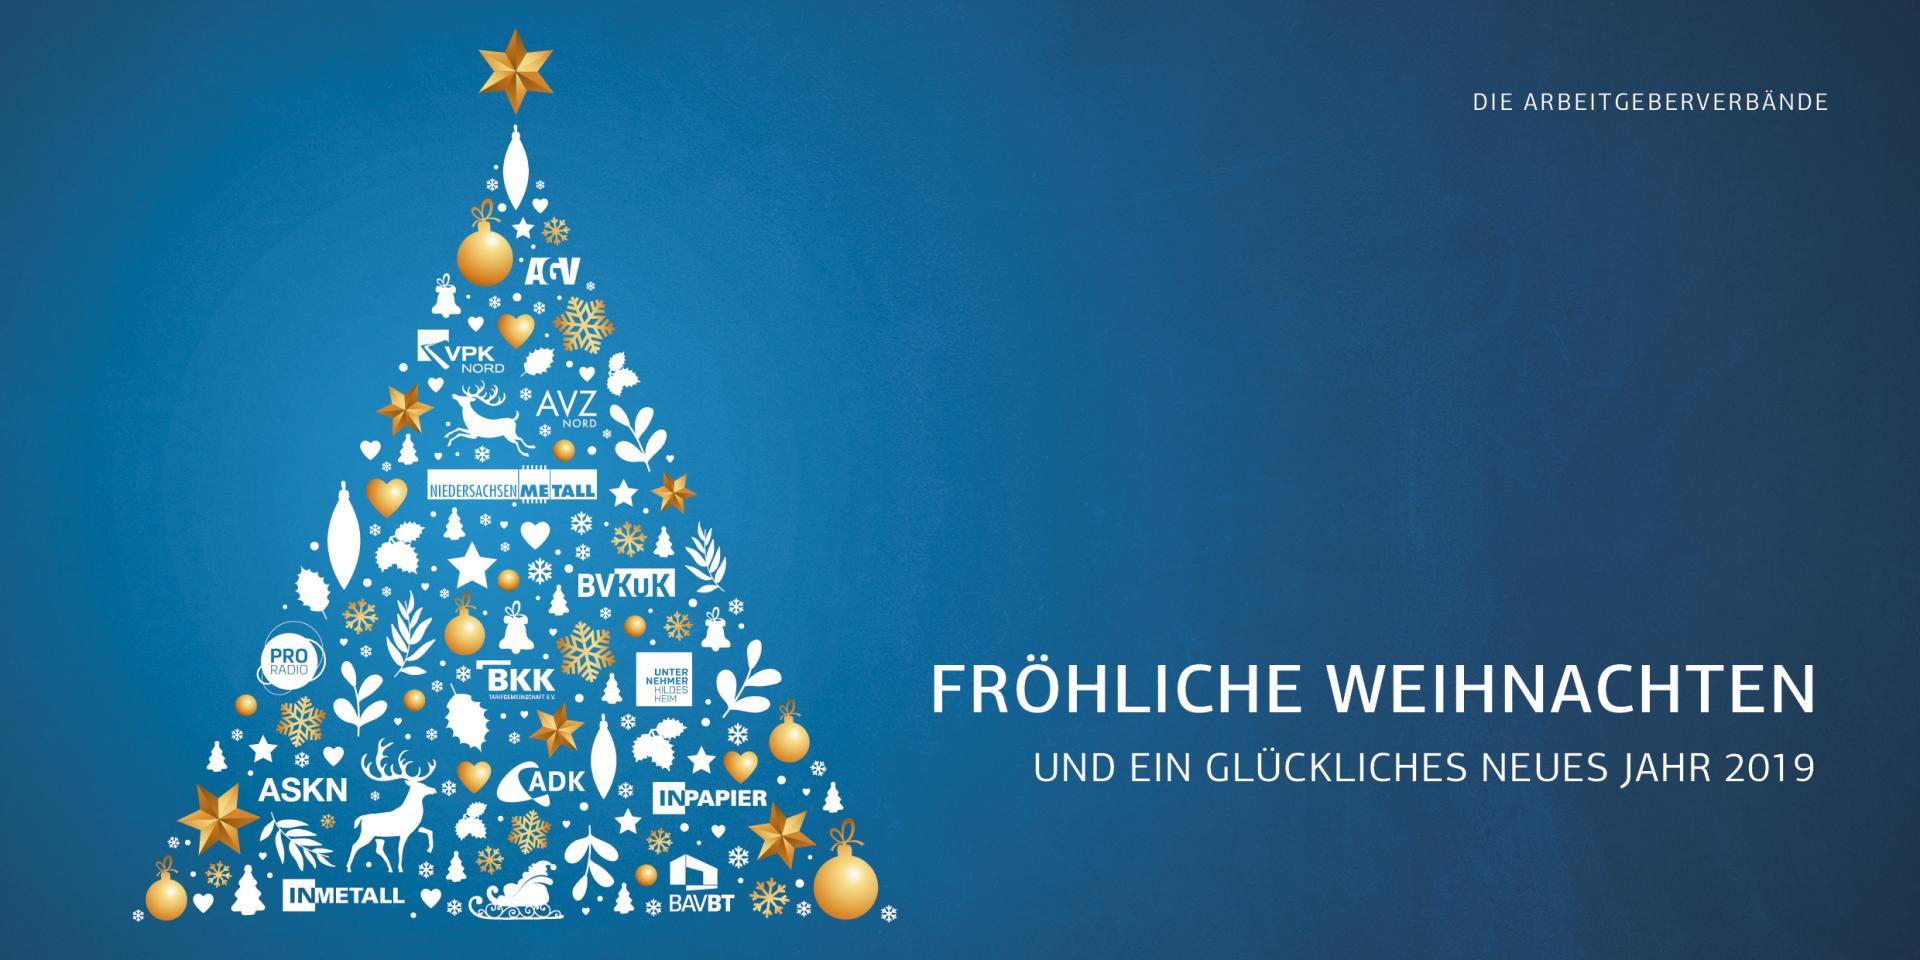 Artikel Weihnachten.Fröhliche Weihnachten Niedersachsenmetall